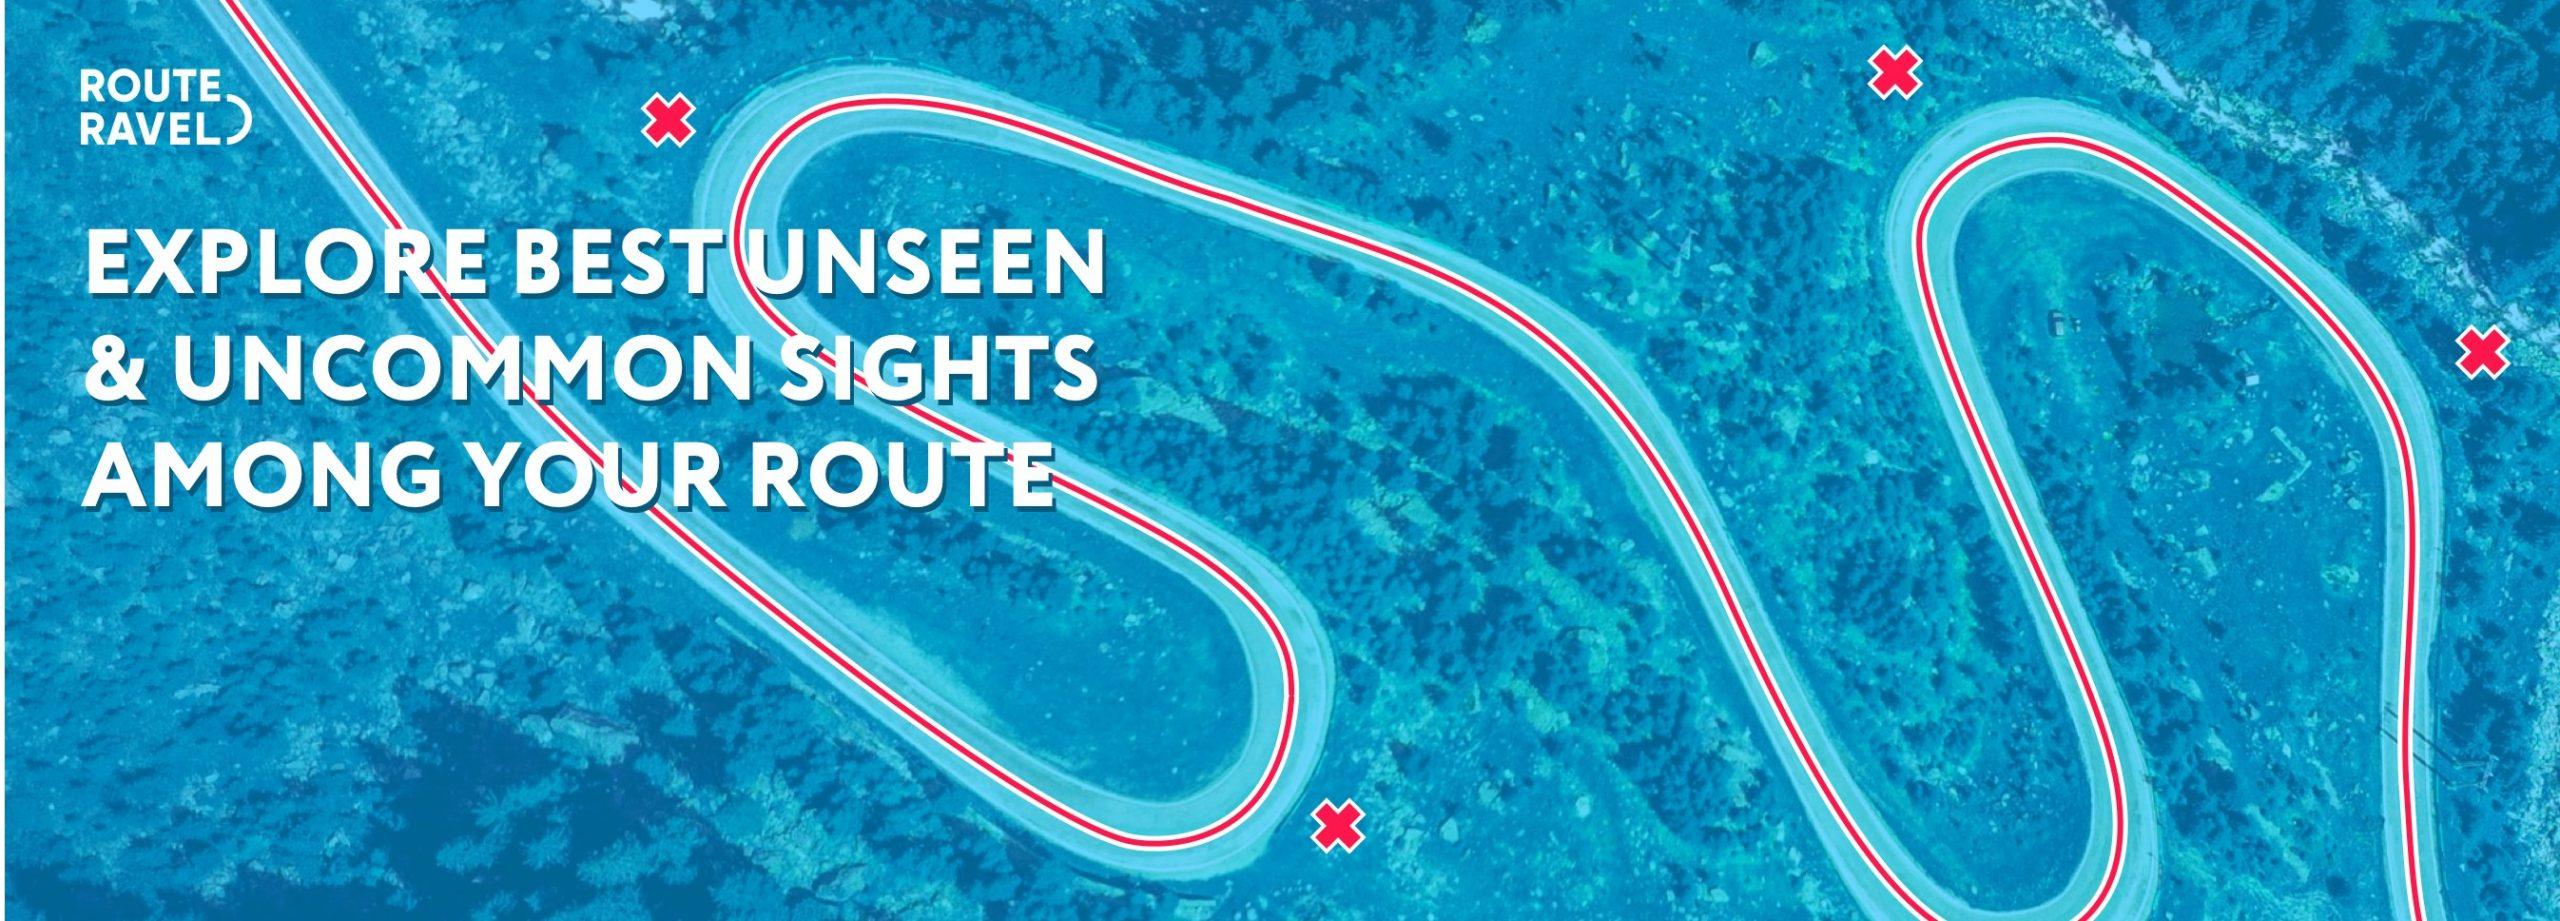 unique travel route